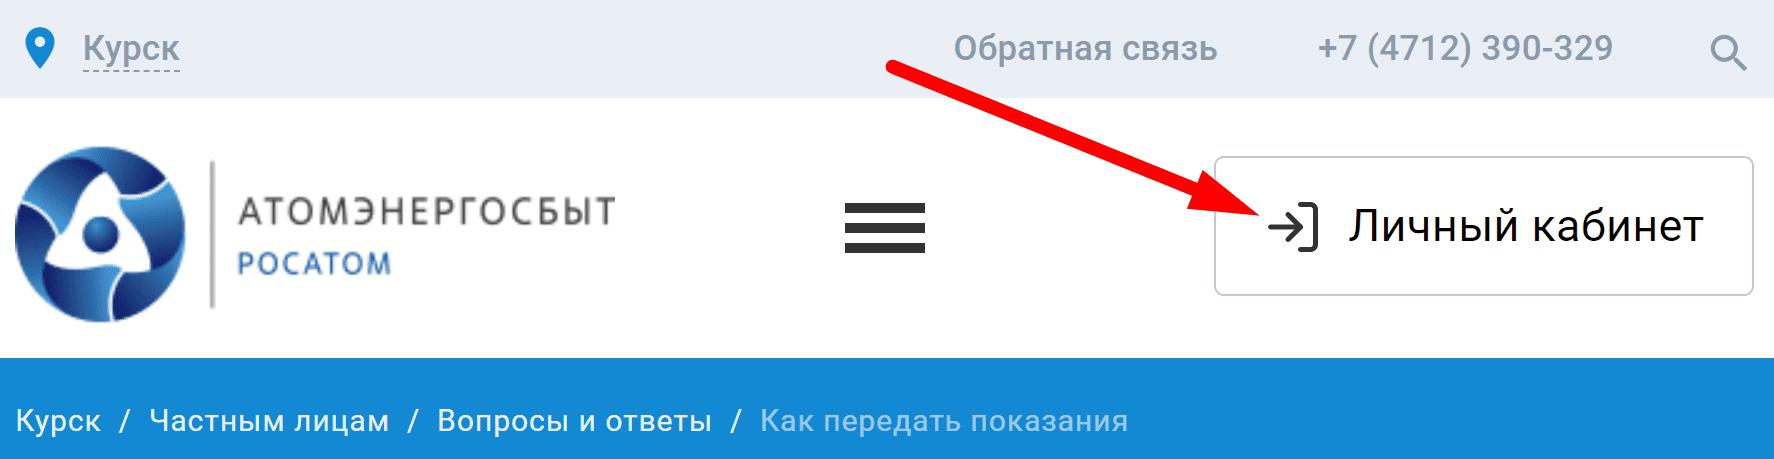 Ссылка на сайт поставщикаэлектроэнергии «КурскАтомЭнергоСбыт»